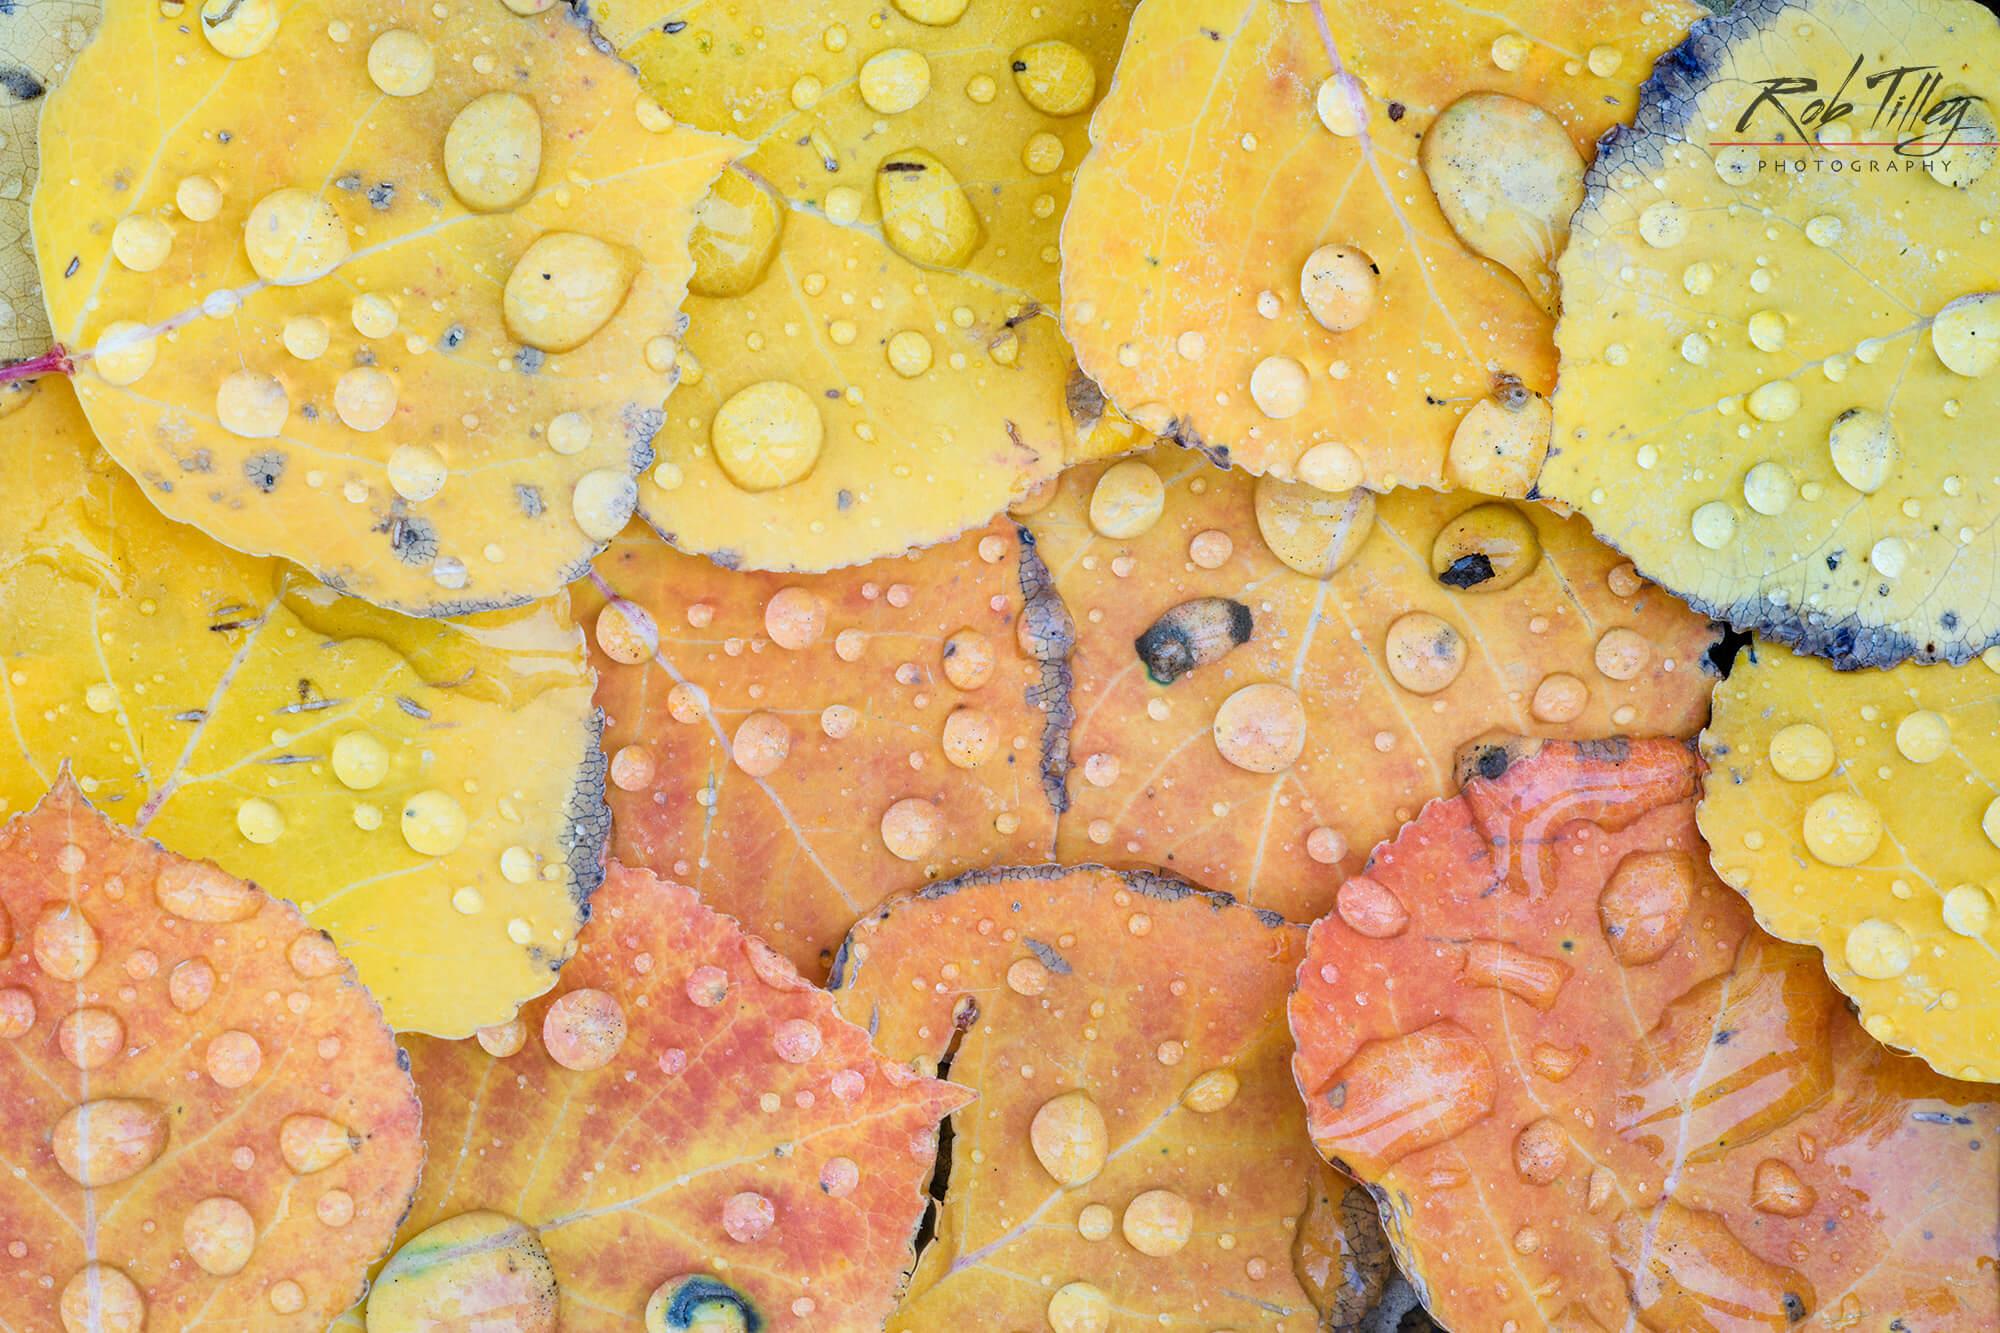 Water Drops on Aspen Leaves